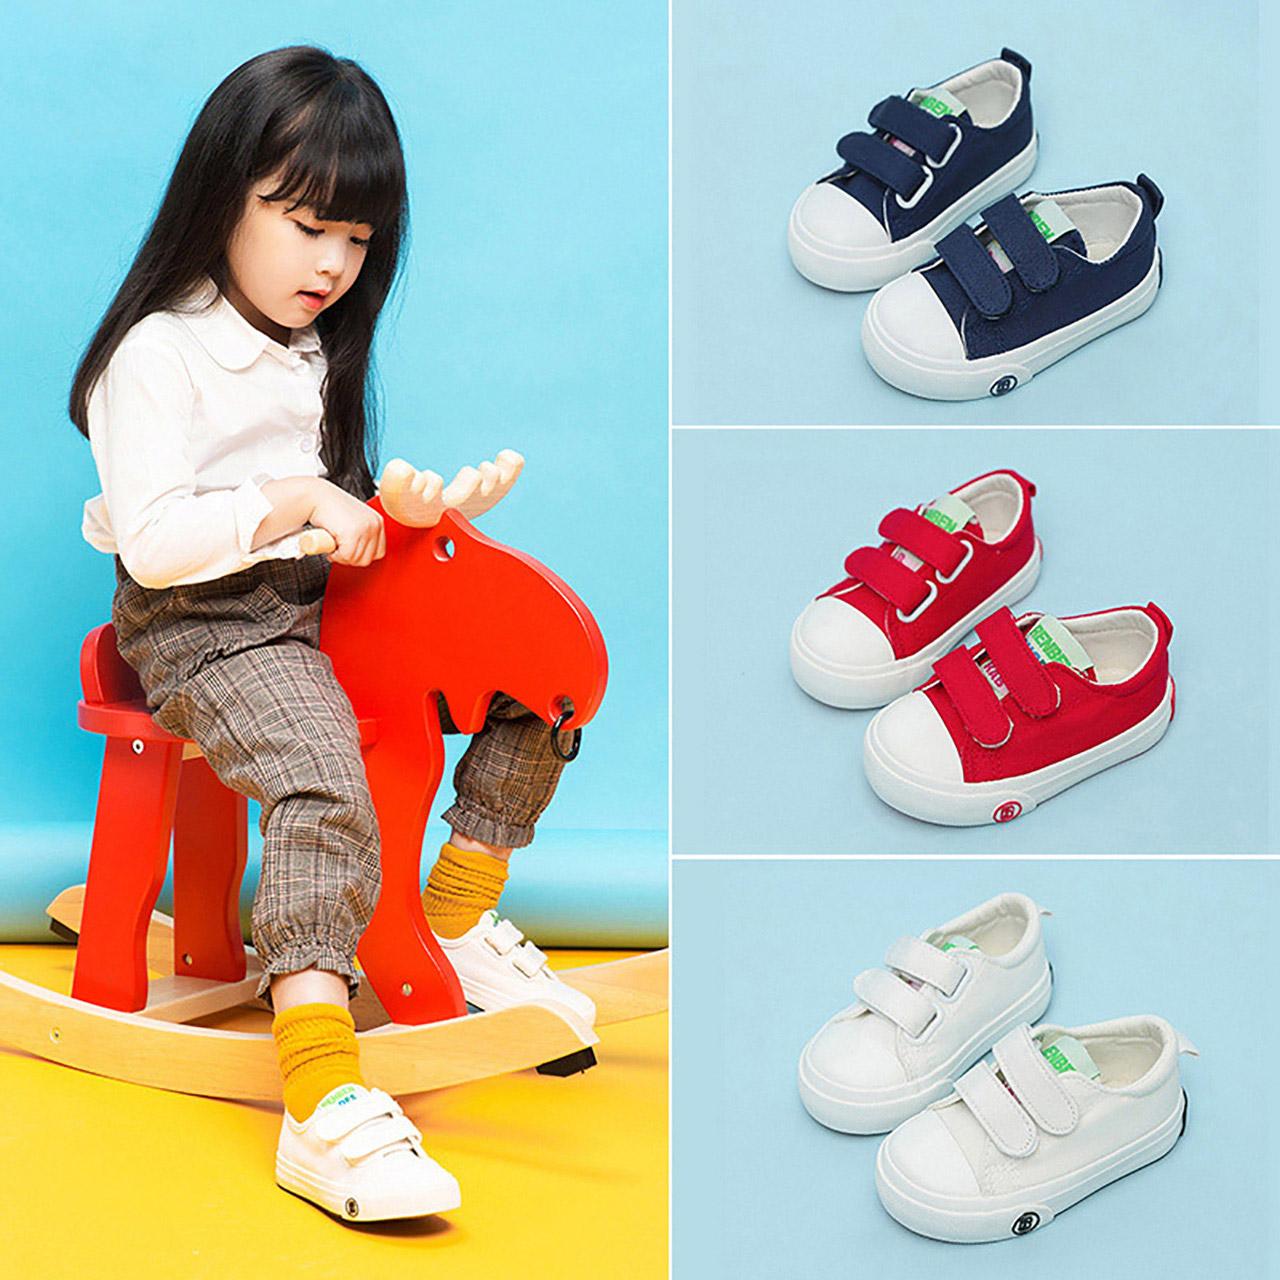 人本帆布鞋男童鞋子儿童鞋宝宝布鞋小童板鞋春秋小白鞋女童室内鞋